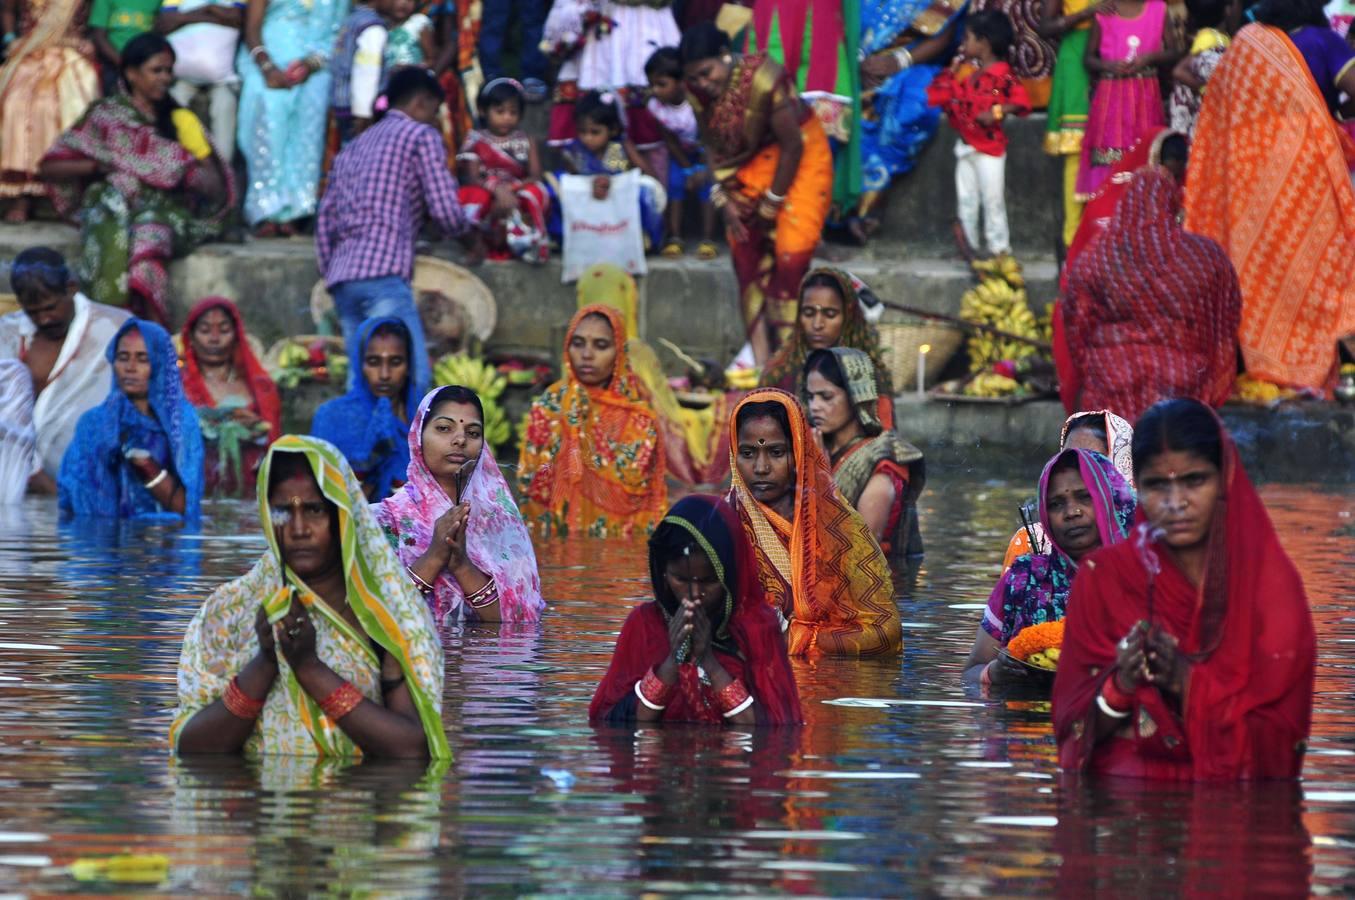 Qu es el hinduismo universo hindu - Principios del hinduismo ...